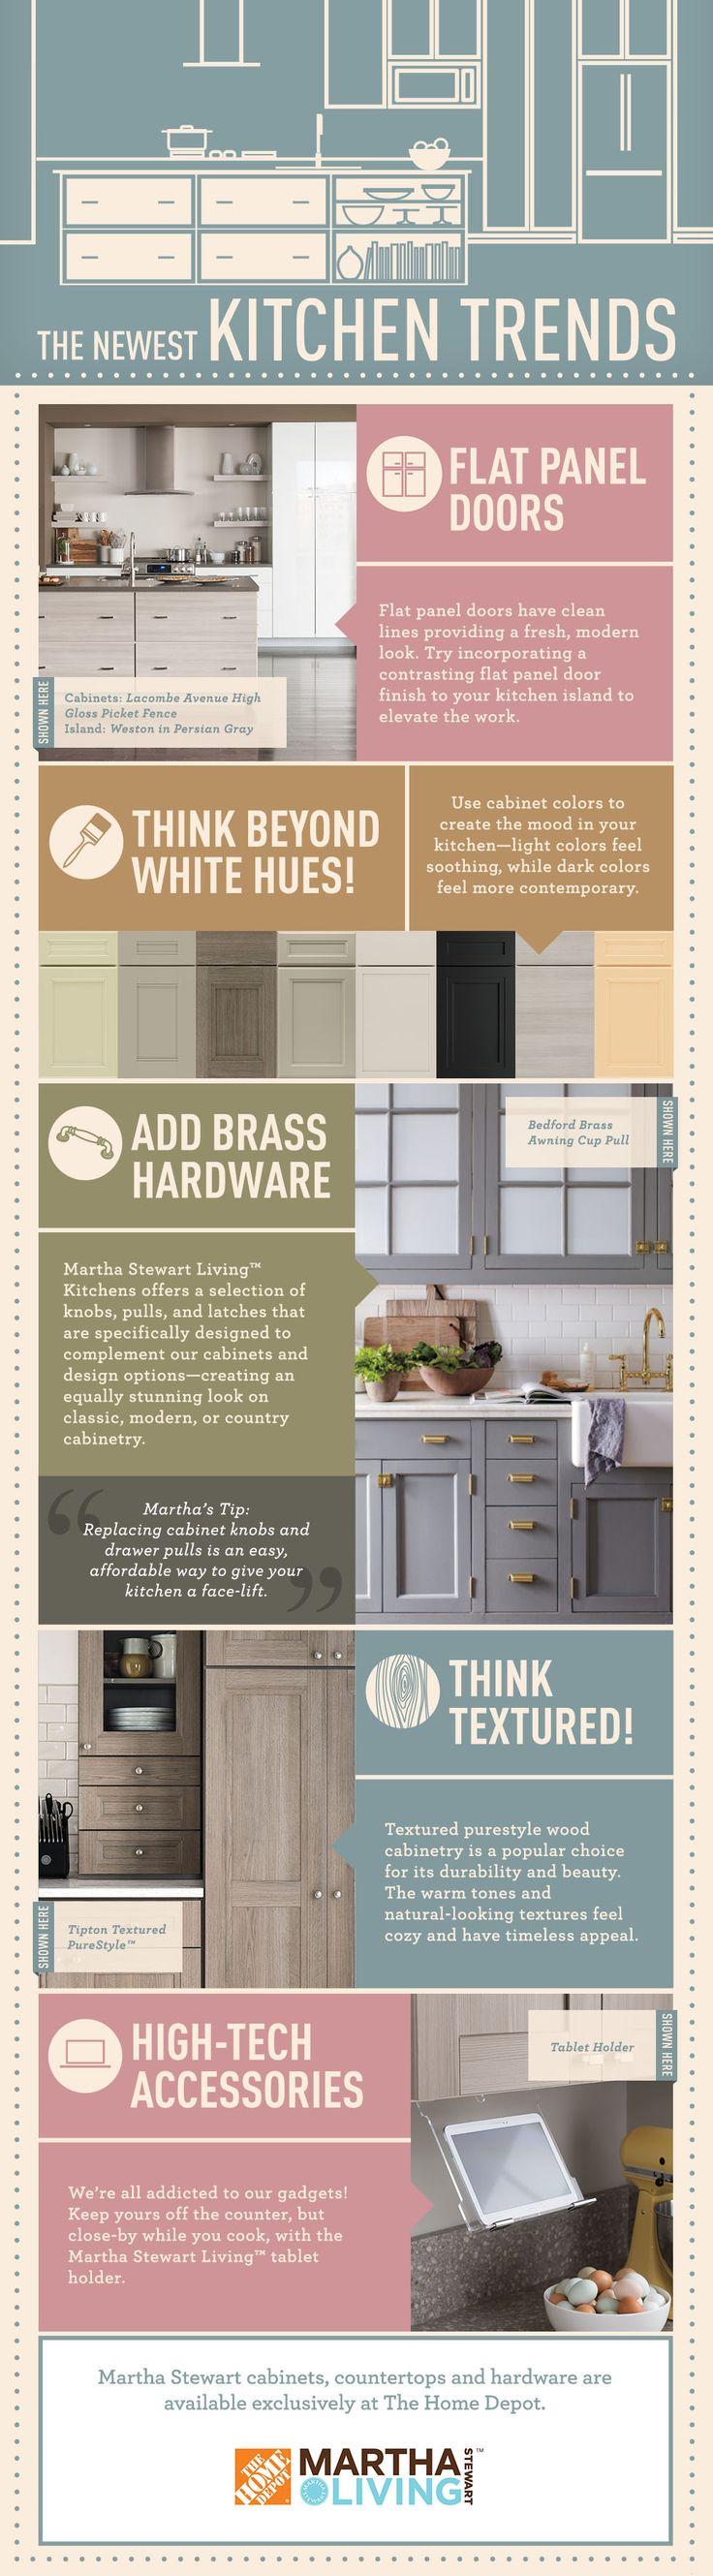 Best Of Martha Stewart Living Cabinet Hardware